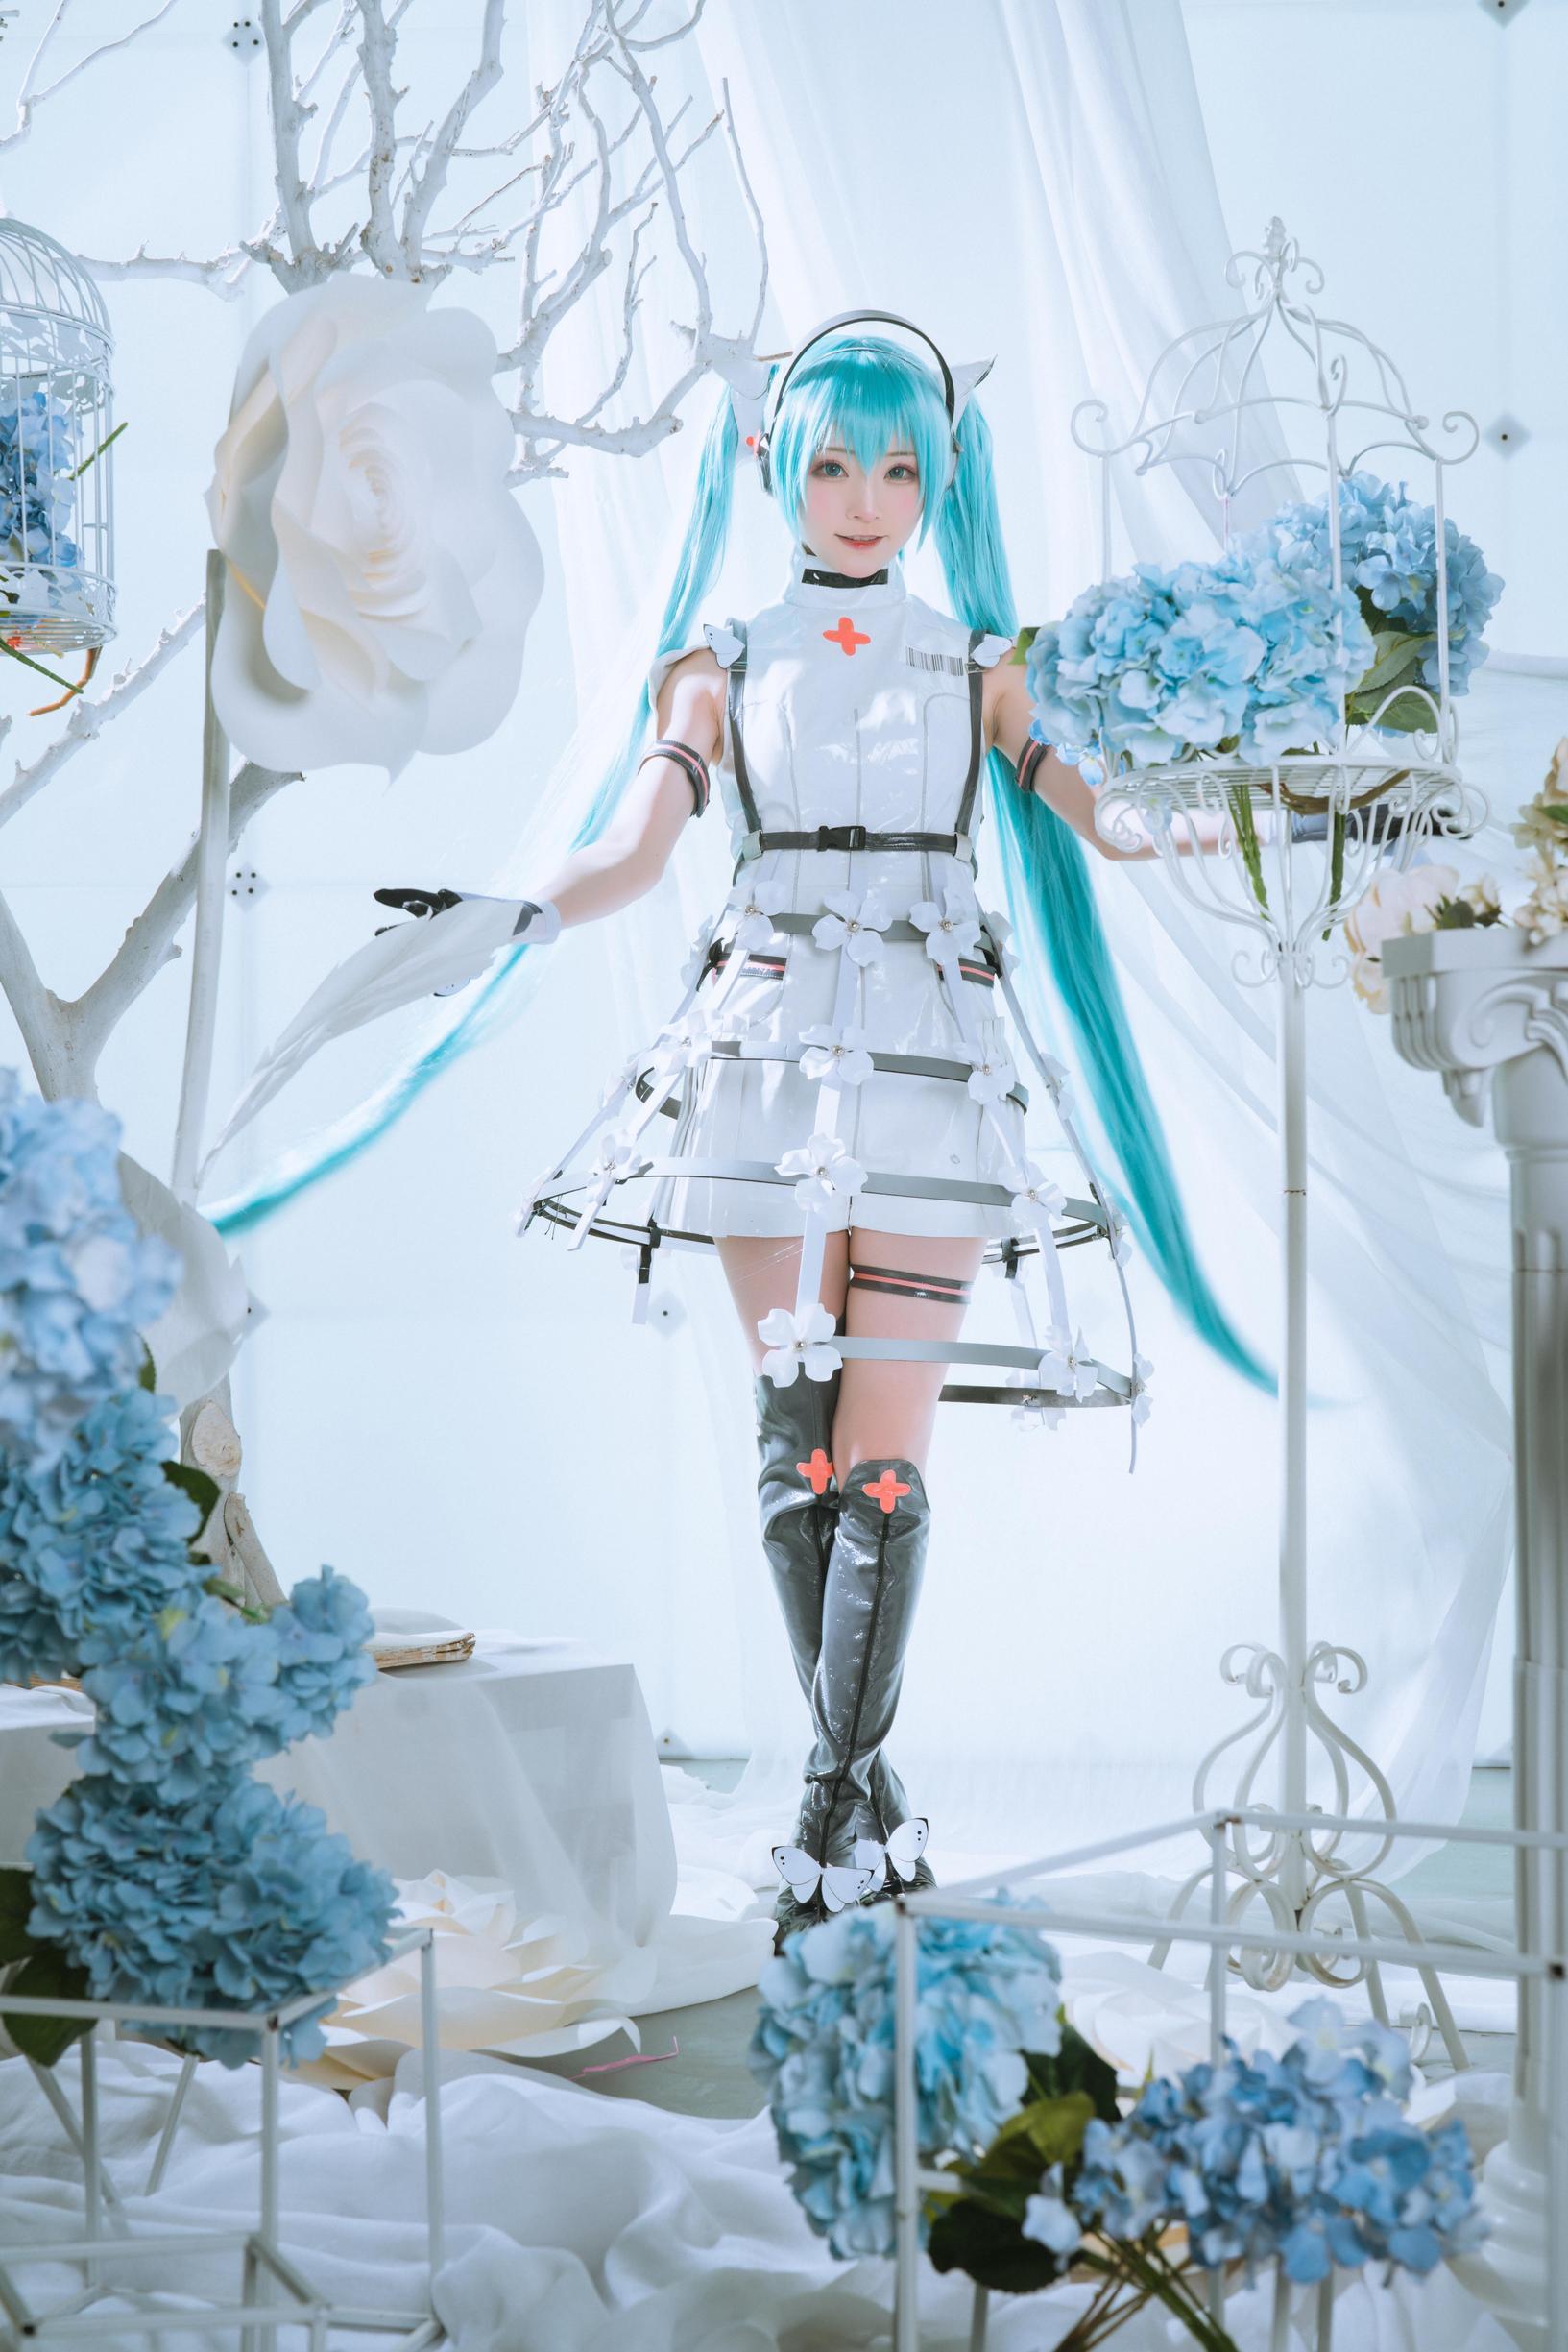 少女cosplay【CN:Kitaro_绮太郎】-第20张